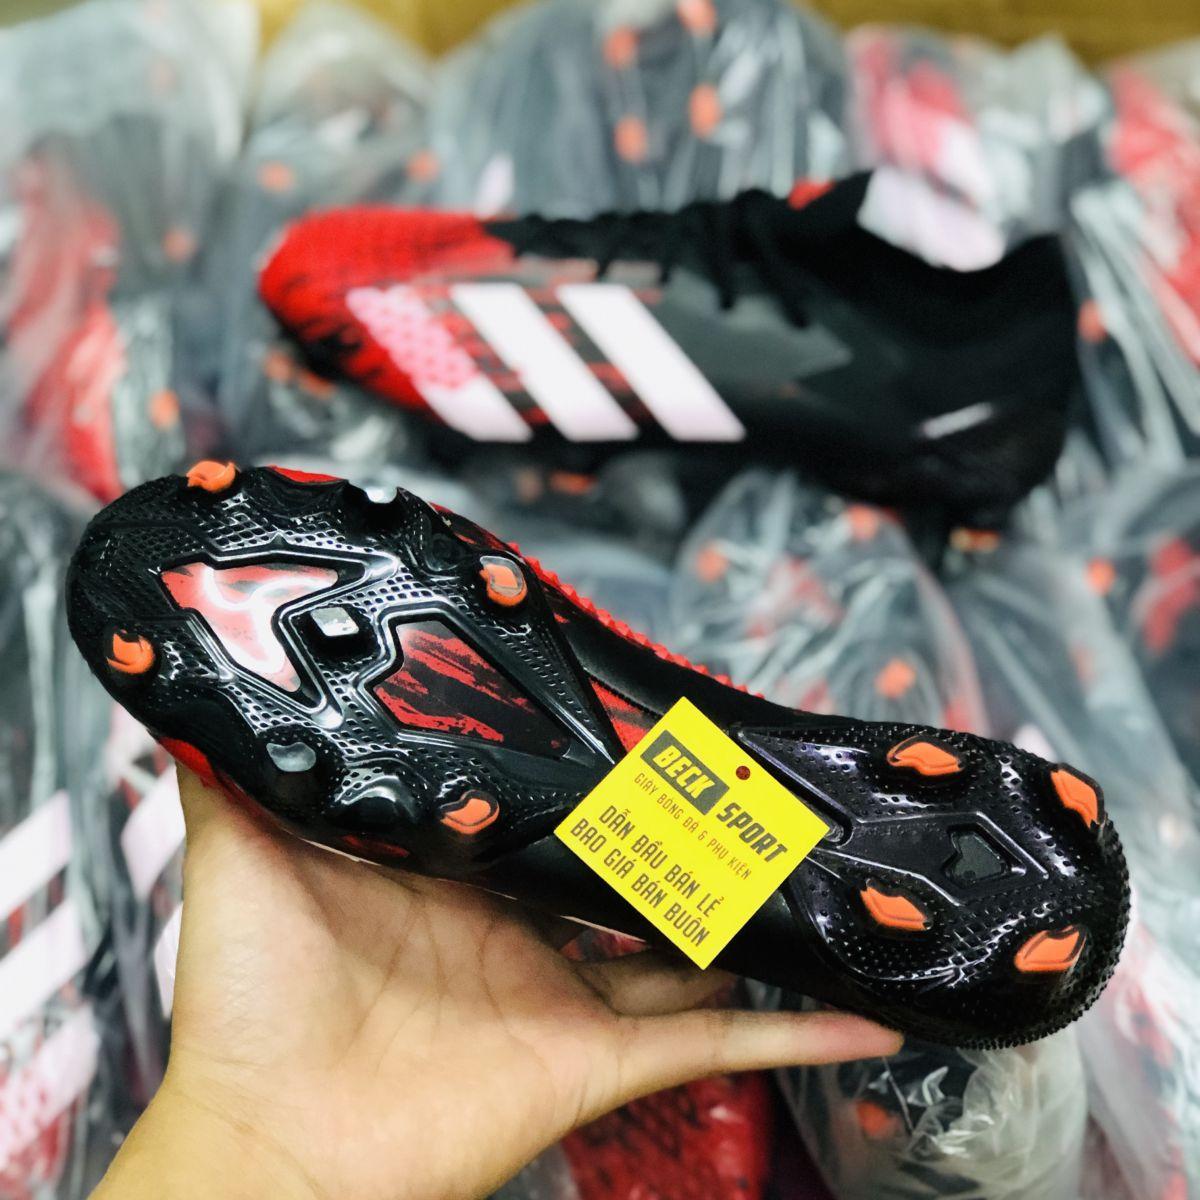 Giày Bóng Đá Adidas Predator 20.1 Mutator Đen Mũi Đỏ Vạch Trắng FG